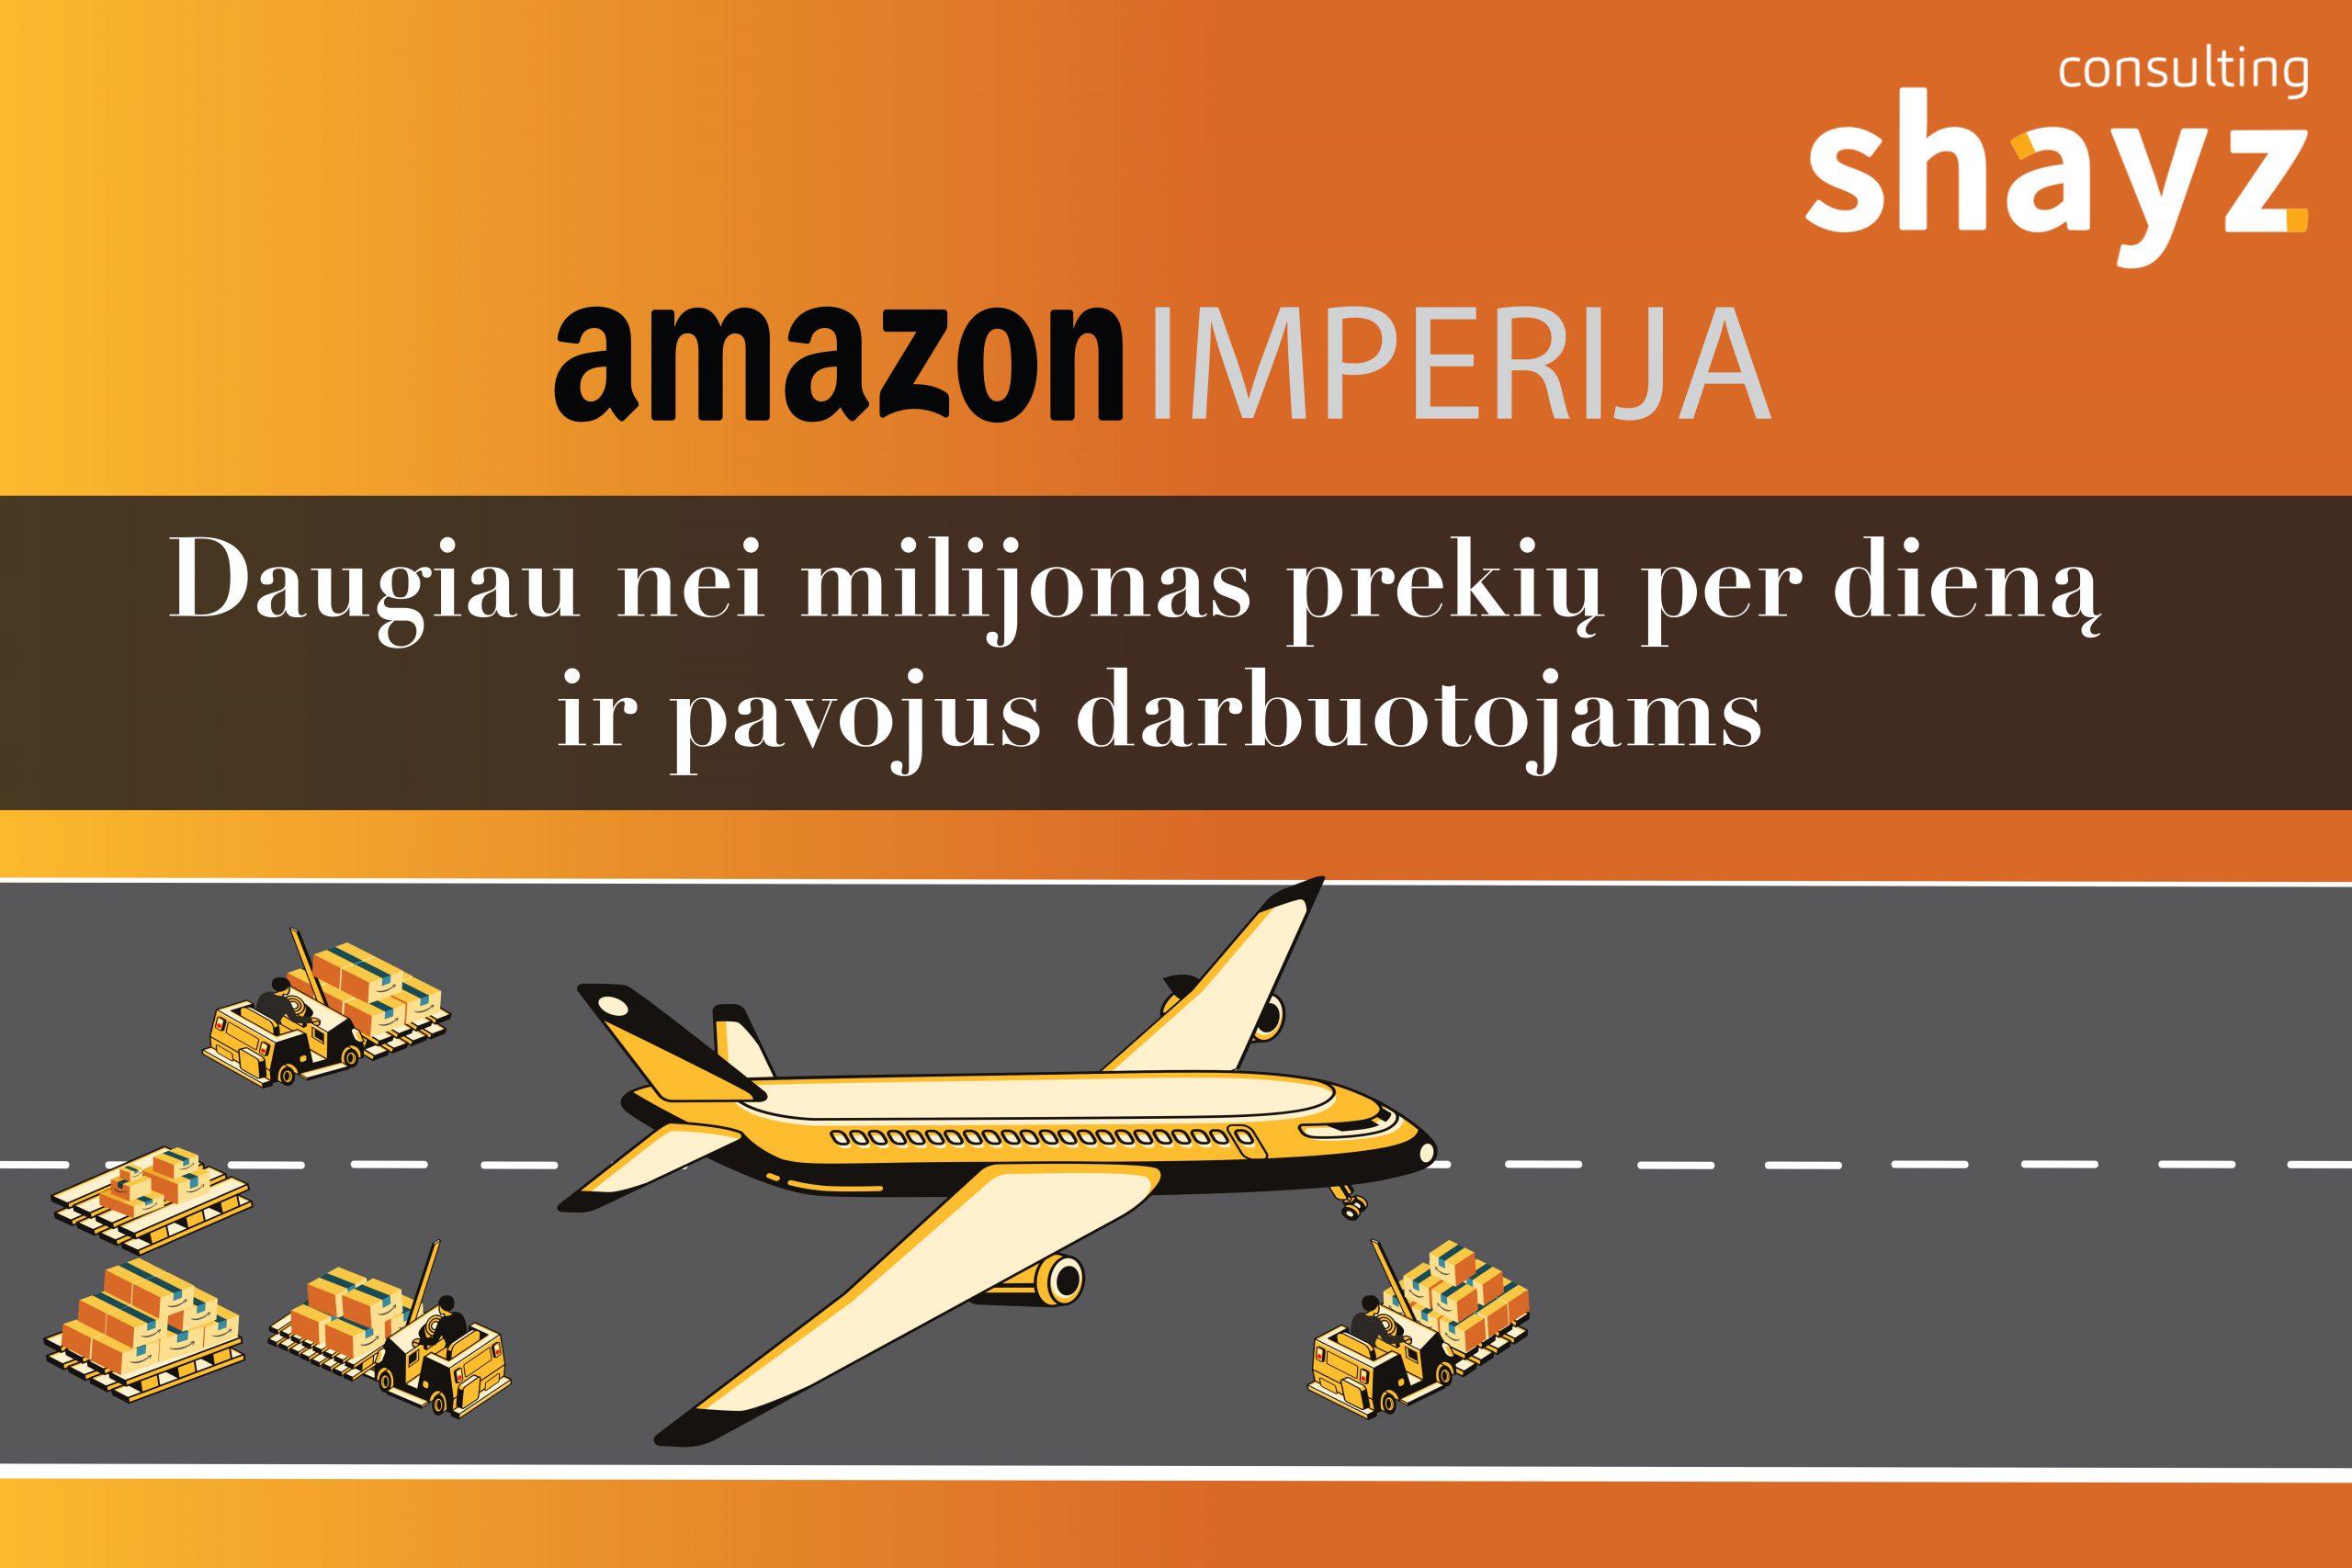 """""""Amazon"""" imperija: daugiau nei milijonas prekių per dieną ir pavojai darbuotojams"""